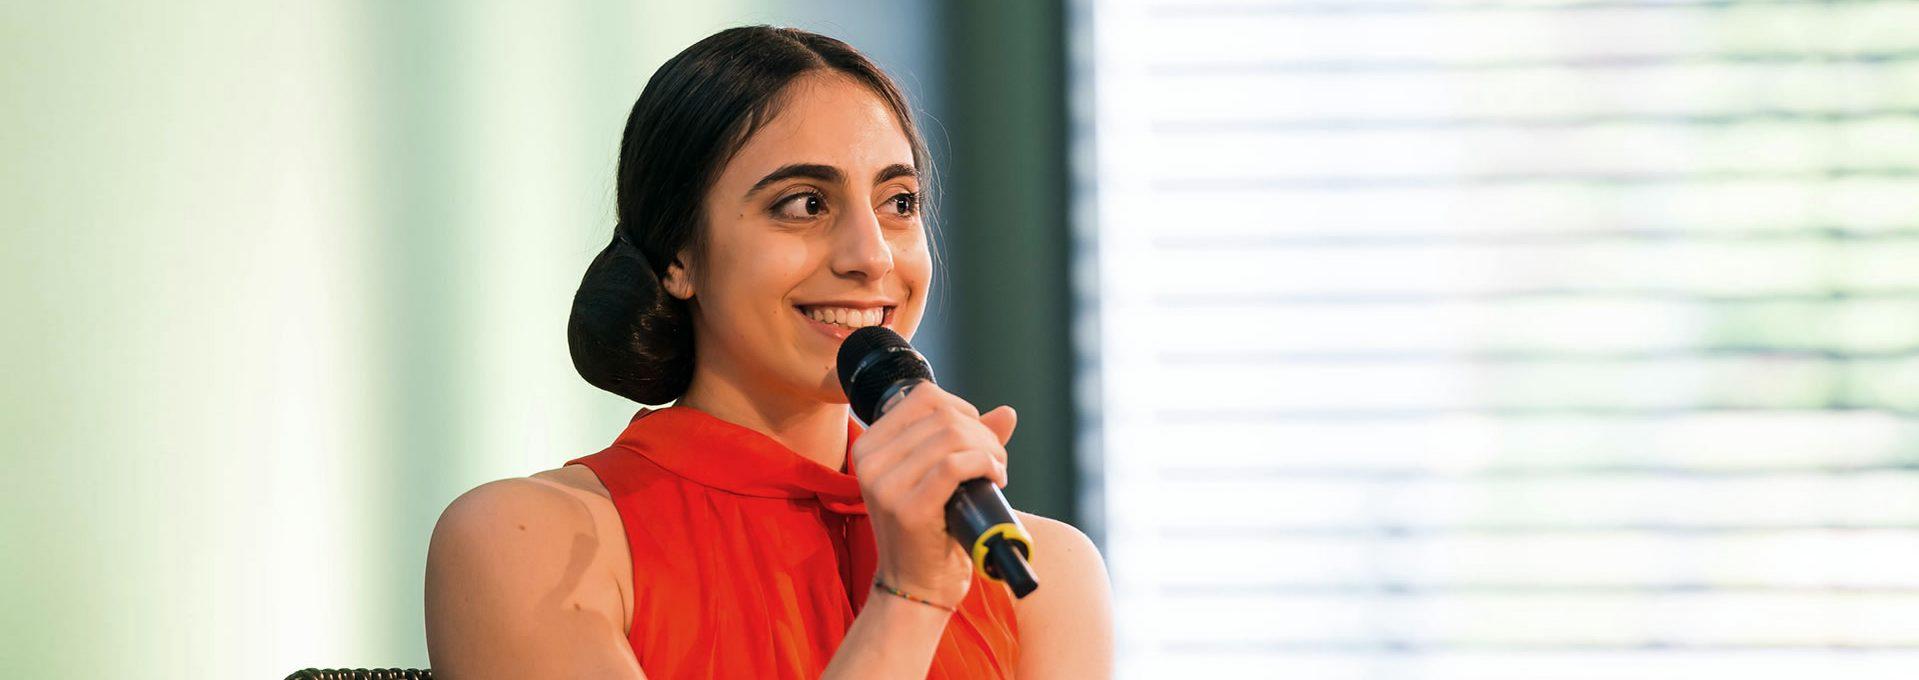 Footerbild Medien Frau mit Mikrofon